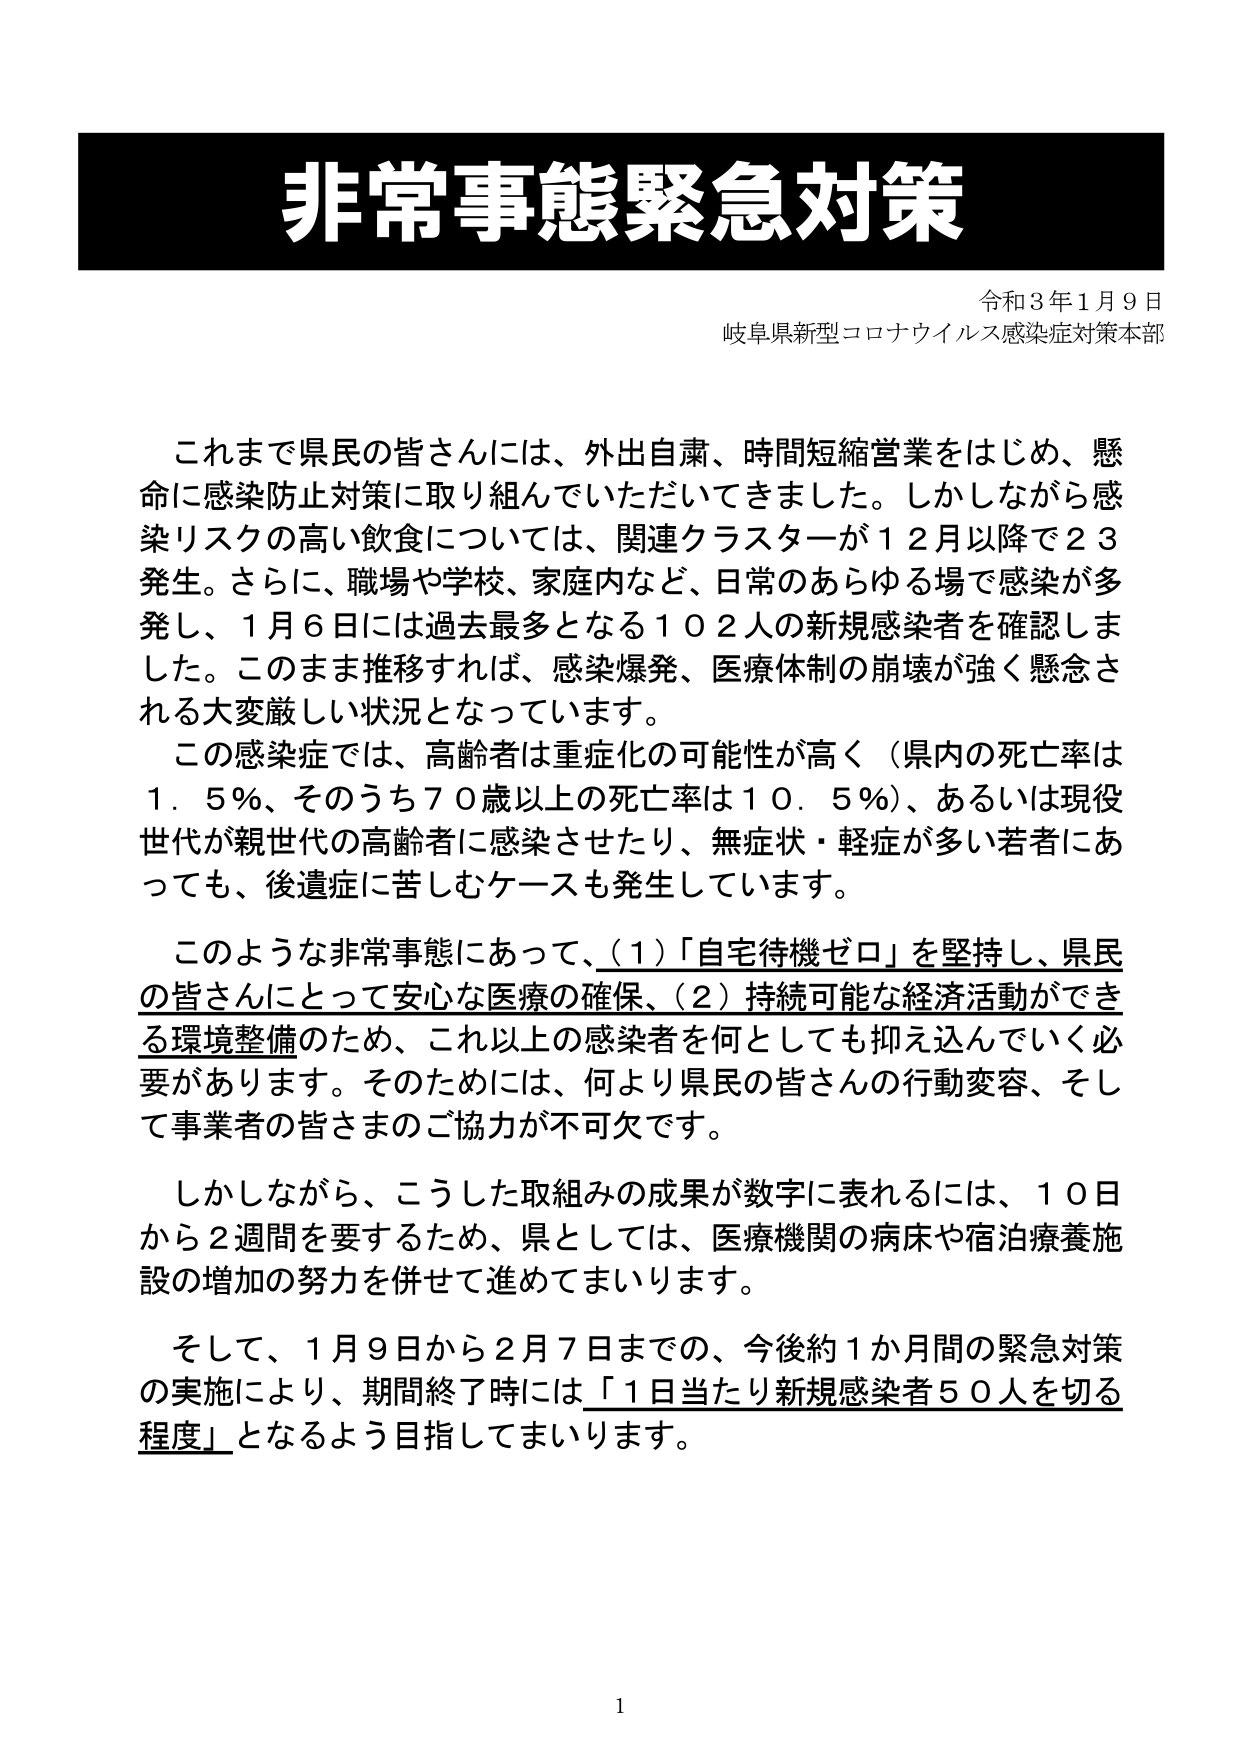 ウィルス 岐阜 県 新型 コロナ 4/25更新「岐阜県新型コロナウイルス感染症拡大防止協力金」について